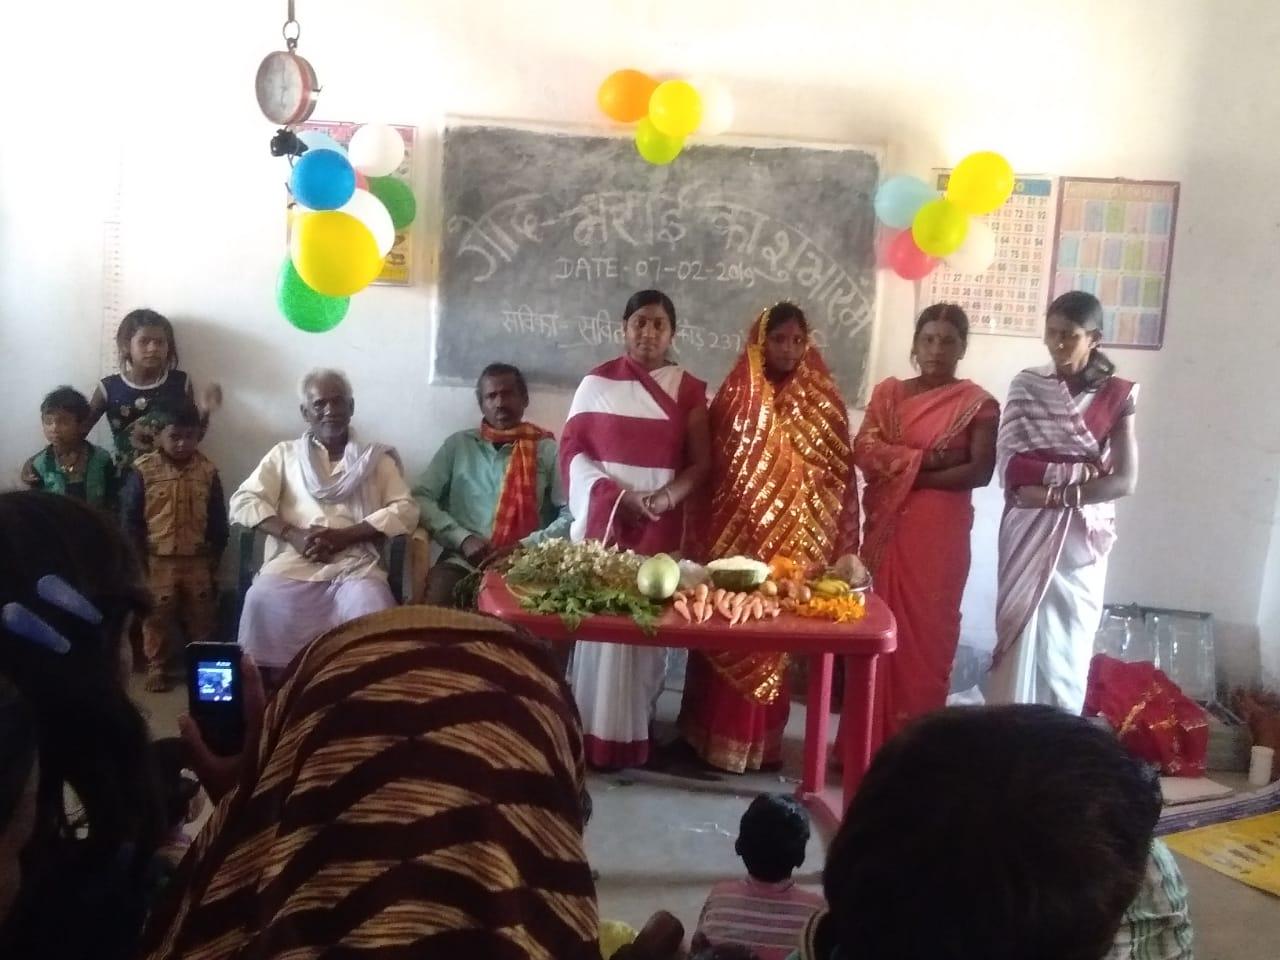 हिंदी समाचार | आंगनबाड़ी केंद्रों पर हुई गोदभराई की रस्म, बच्चों का कराया गया अन्नप्राशन